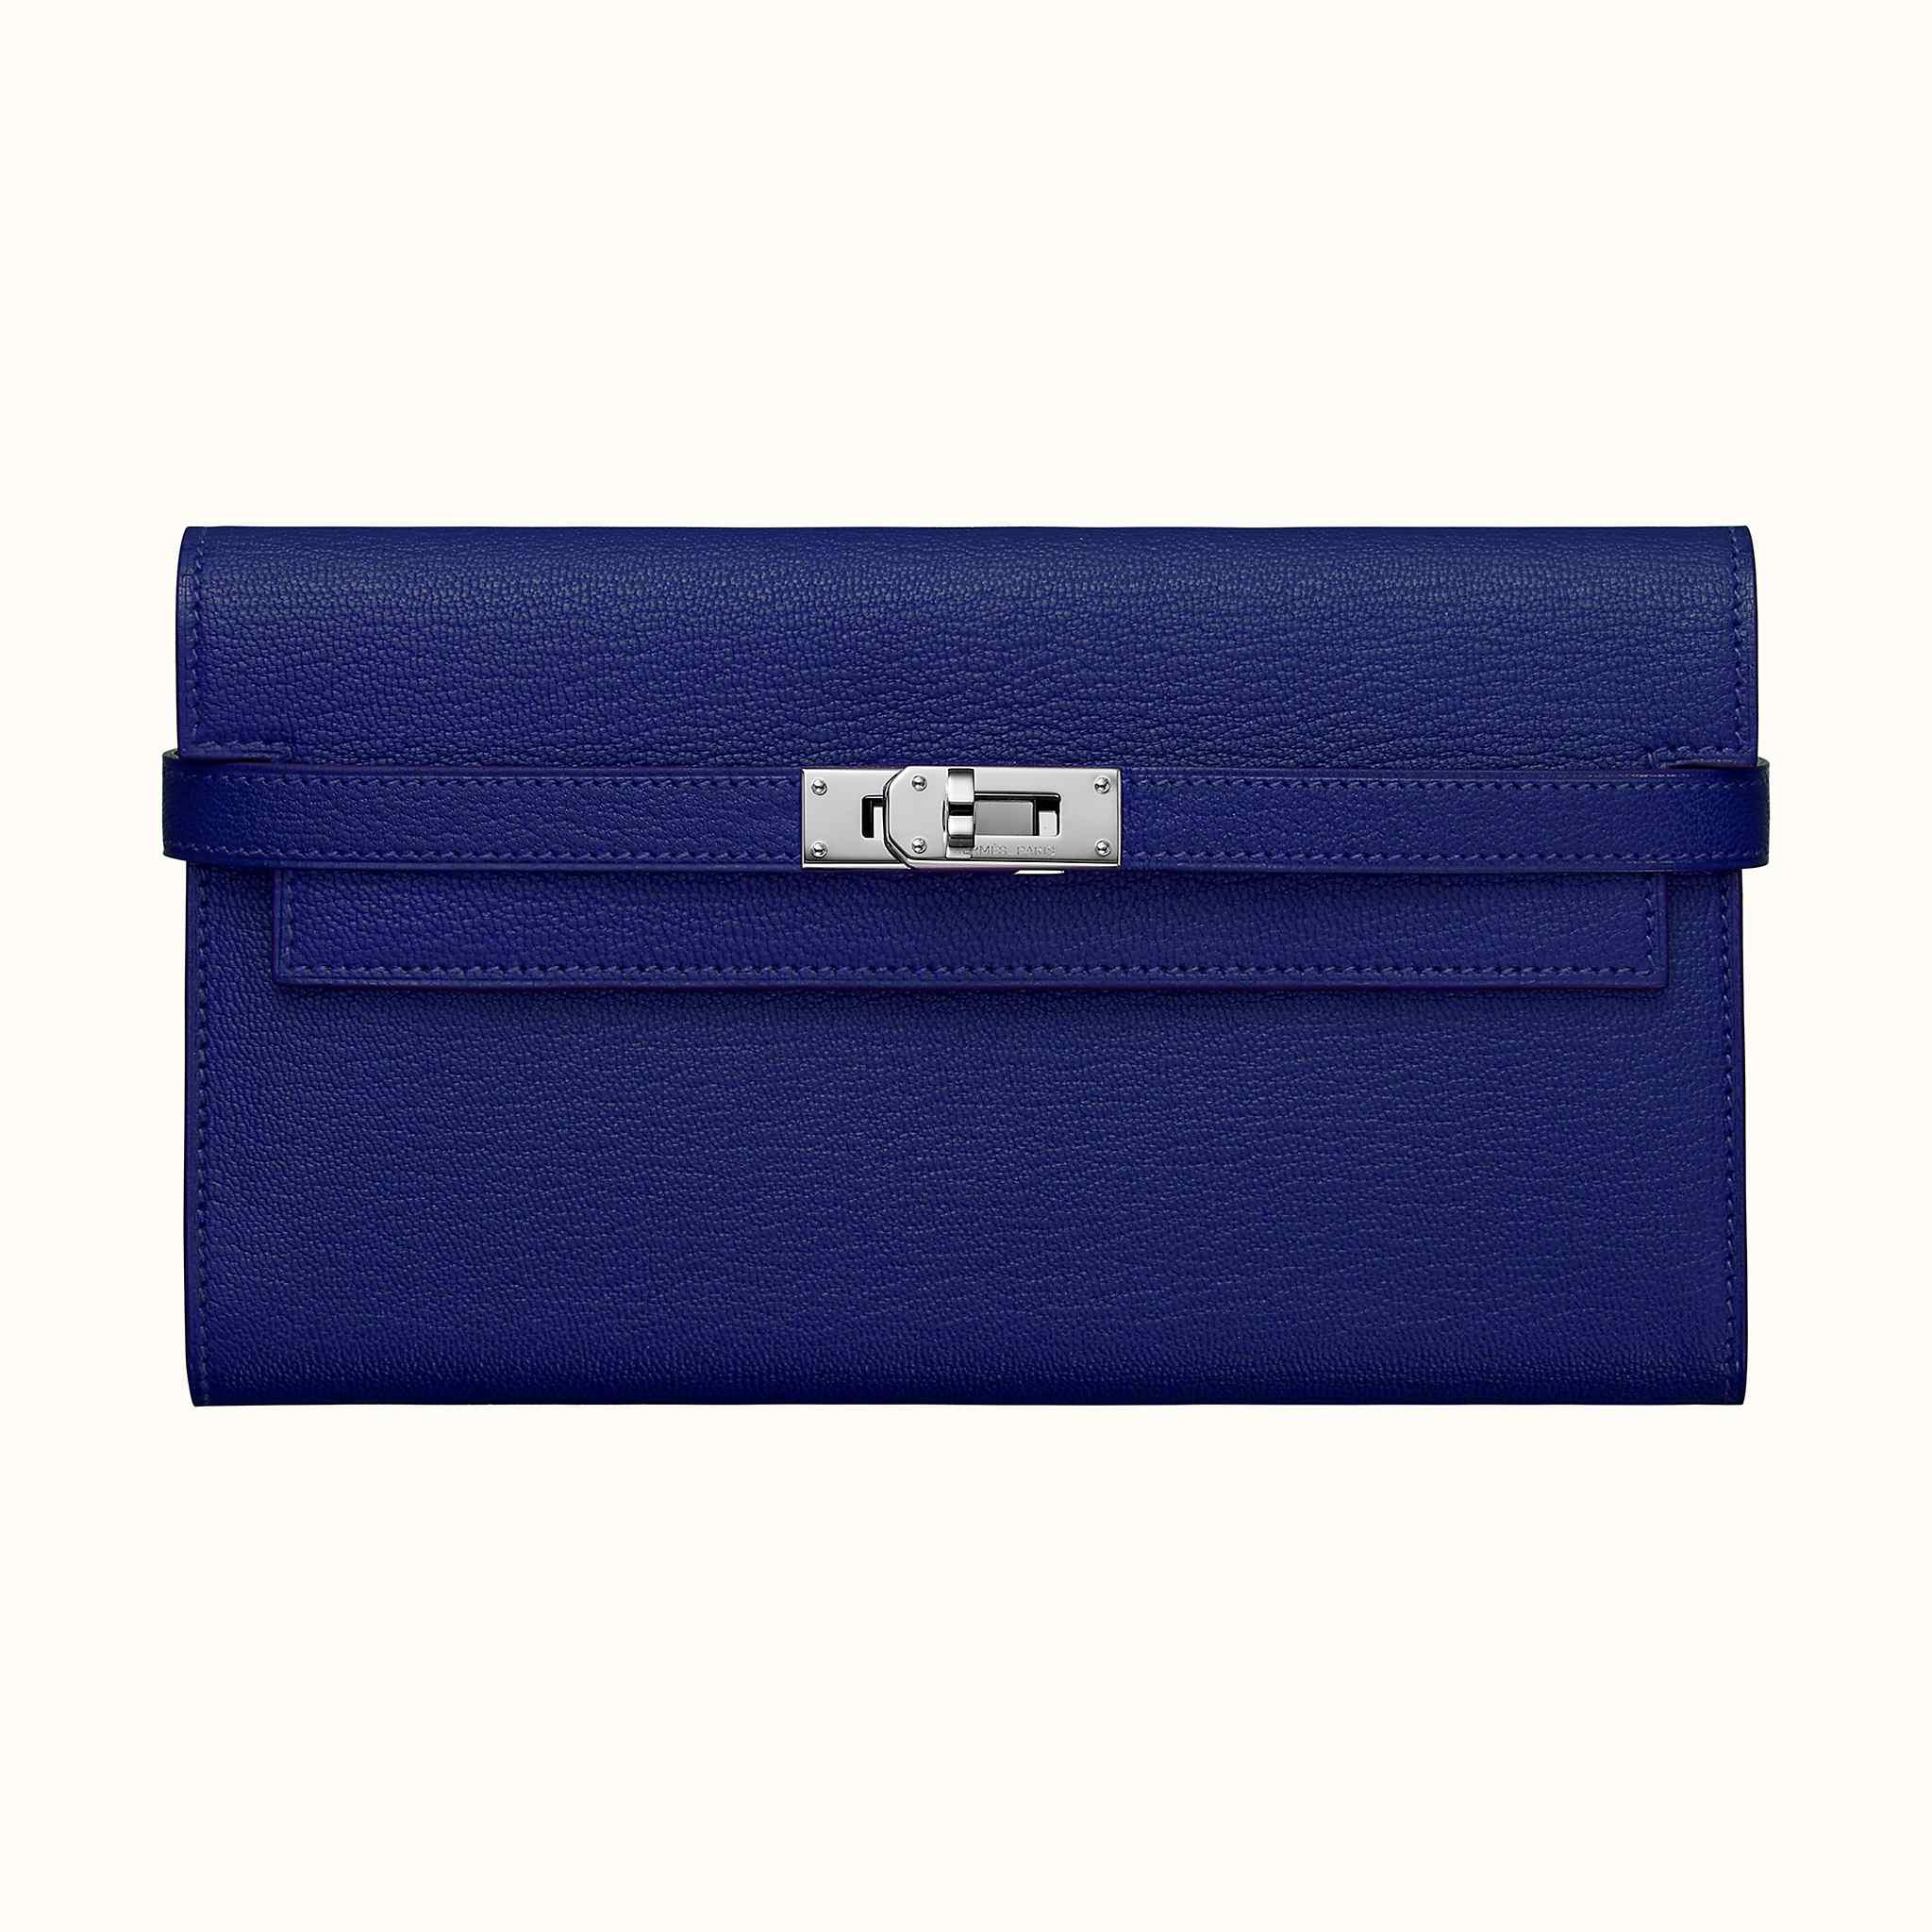 086dbf4b32 Portefeuille Kelly classique | Hermès